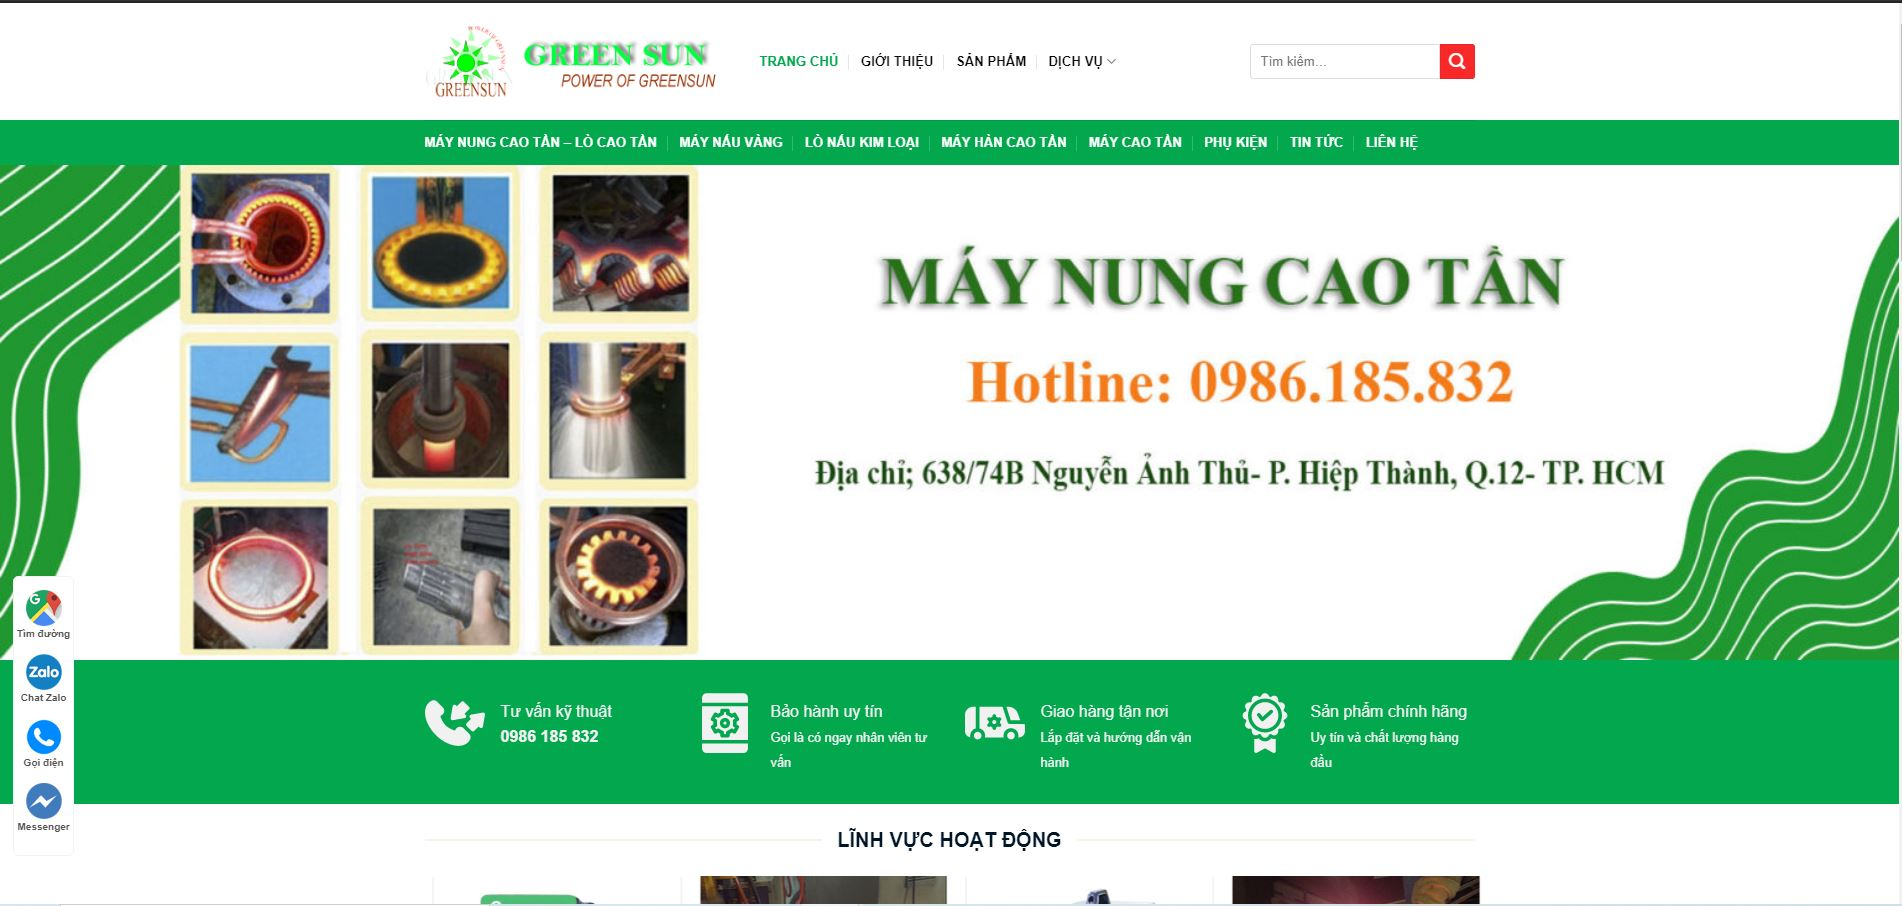 Hình ảnh website chính của công ty Mặt Trời Xanh